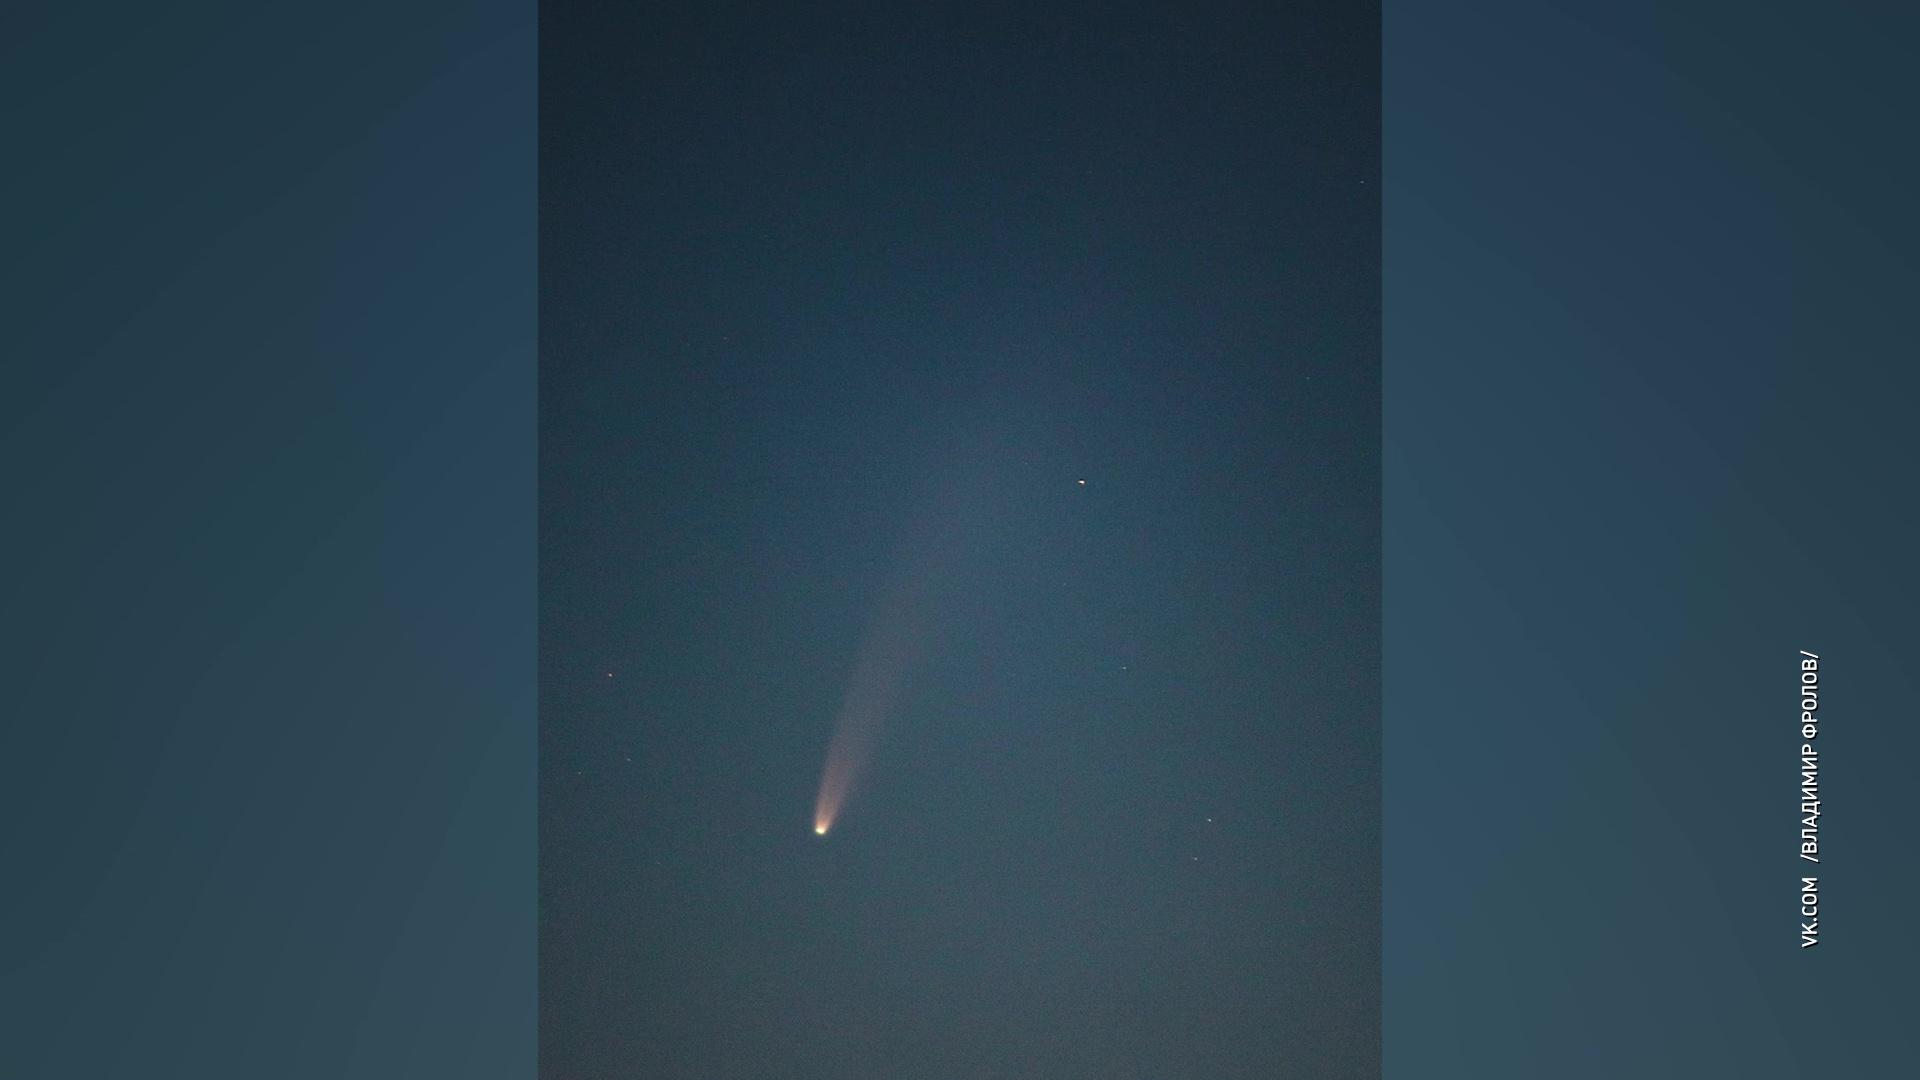 Фотограф из Ярославской области запечатлел самую яркую за последние семь лет комету